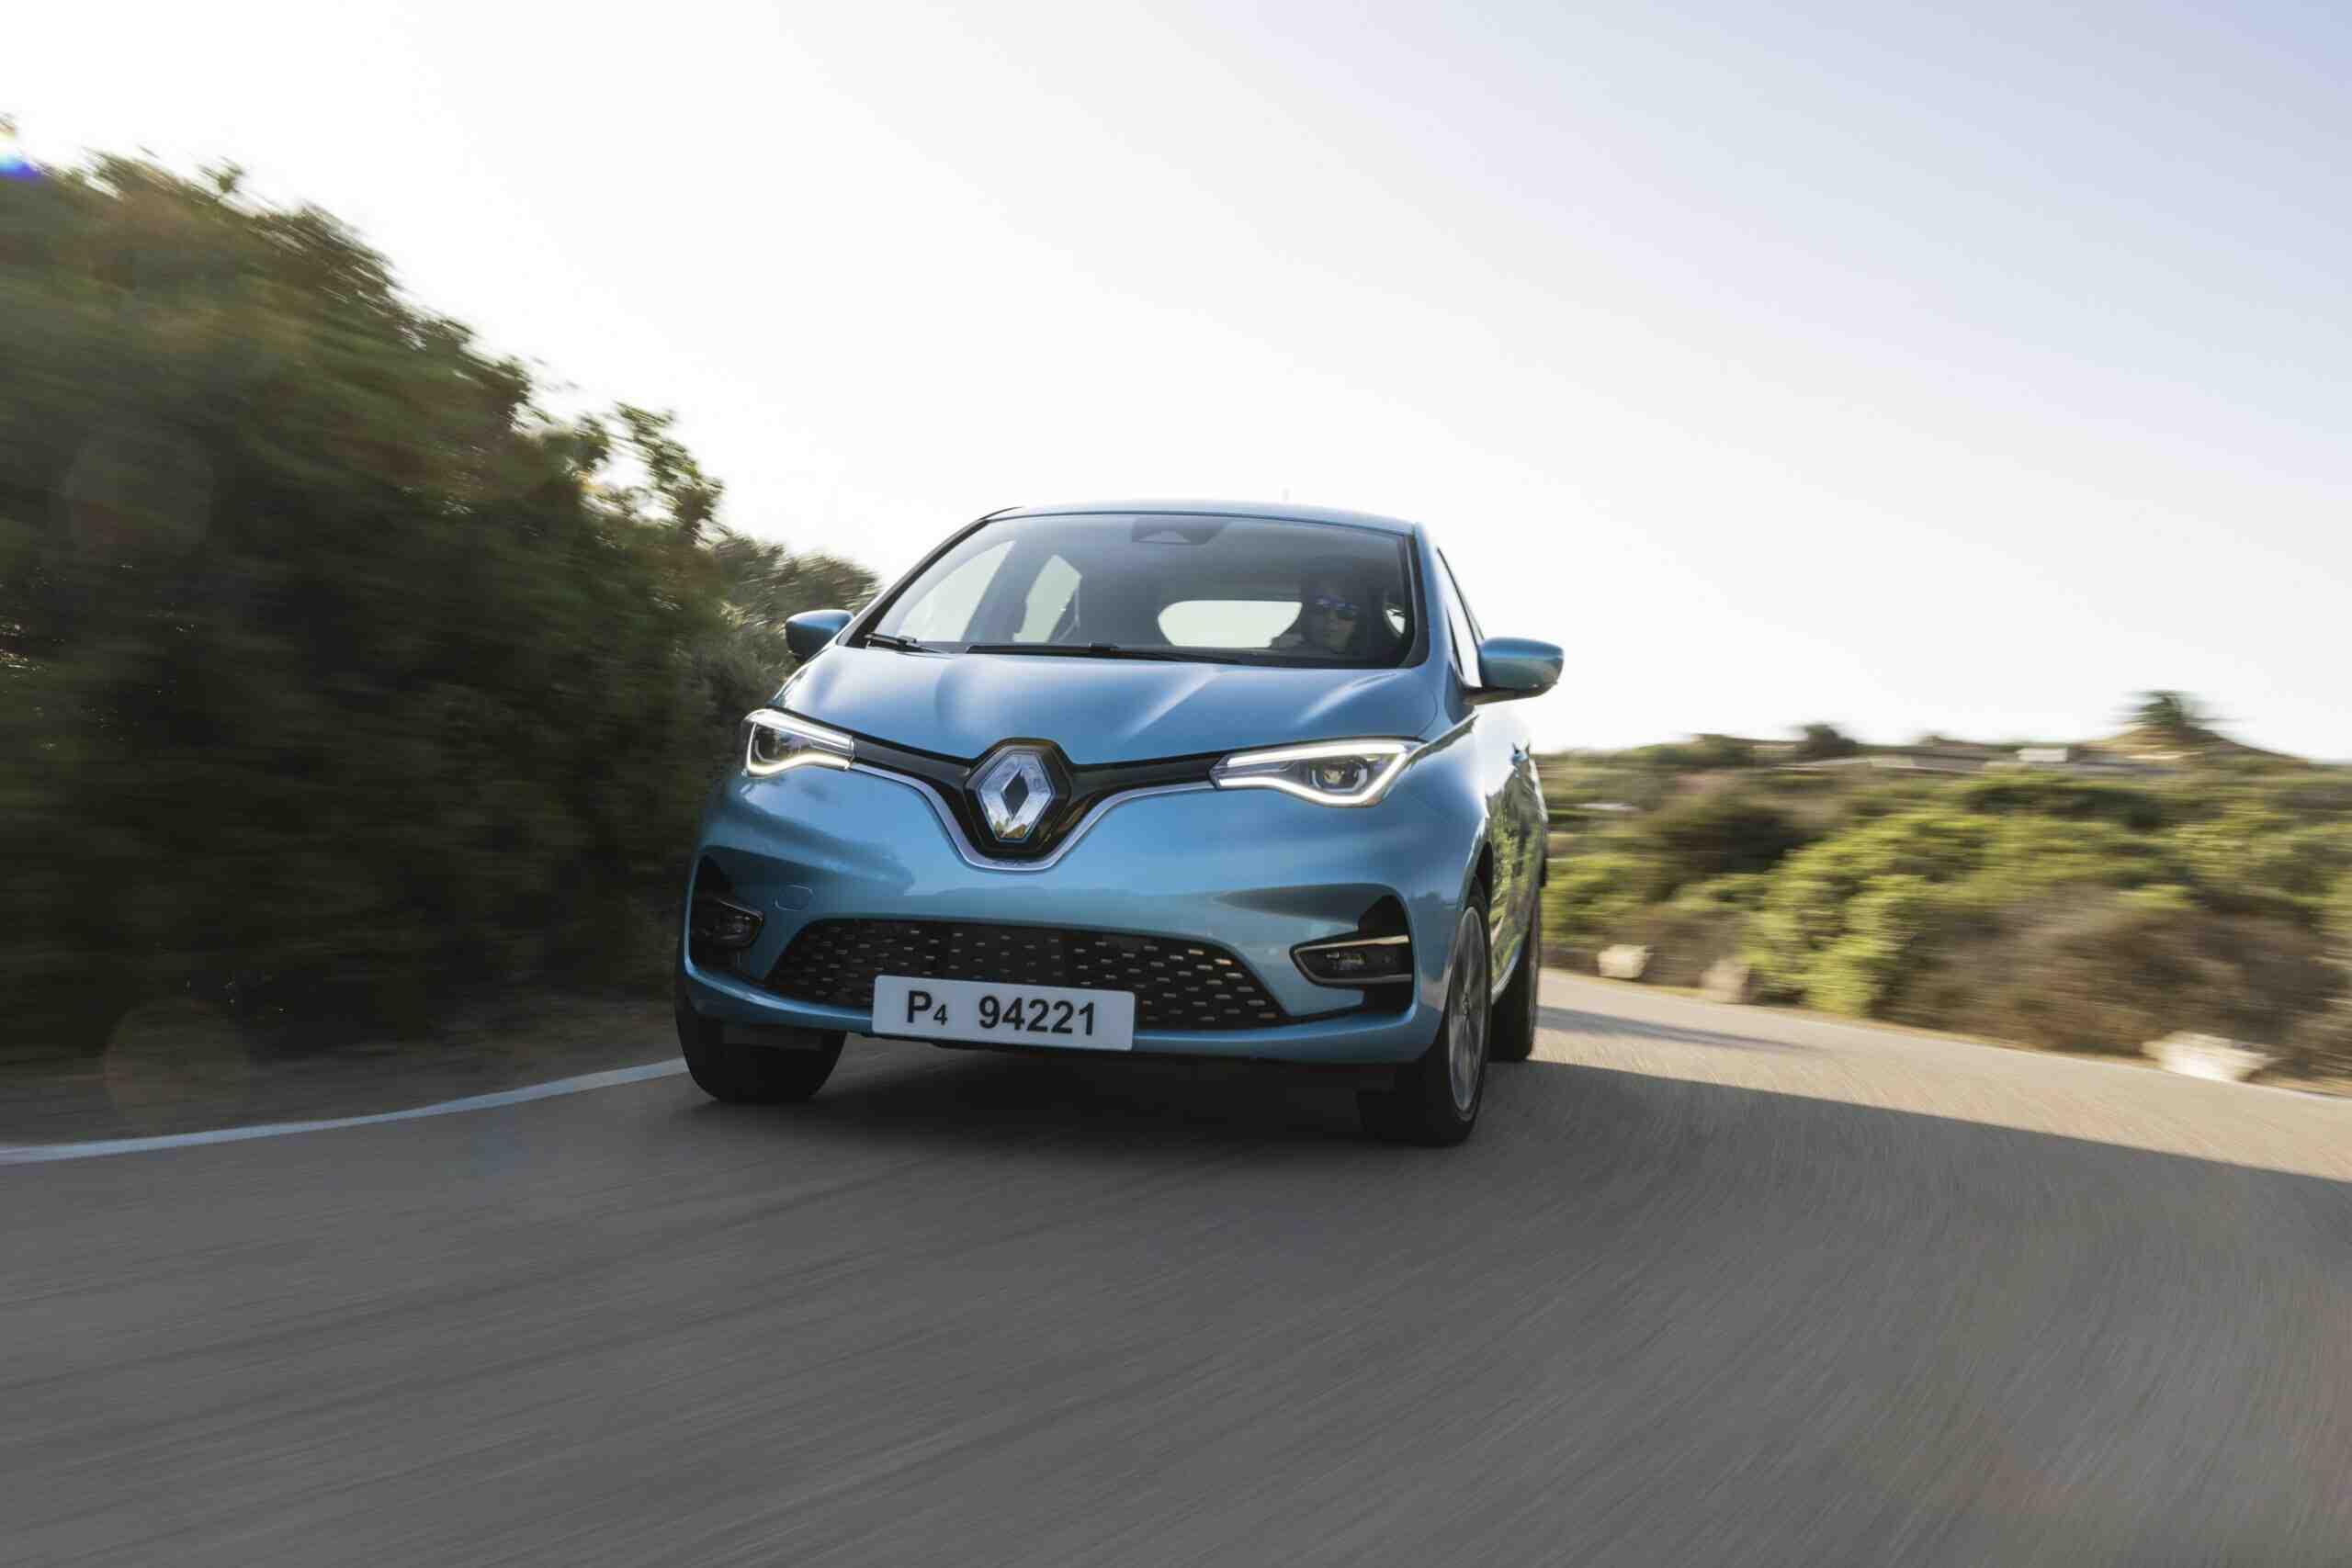 Quelle voiture allez-vous acheter en 2020?